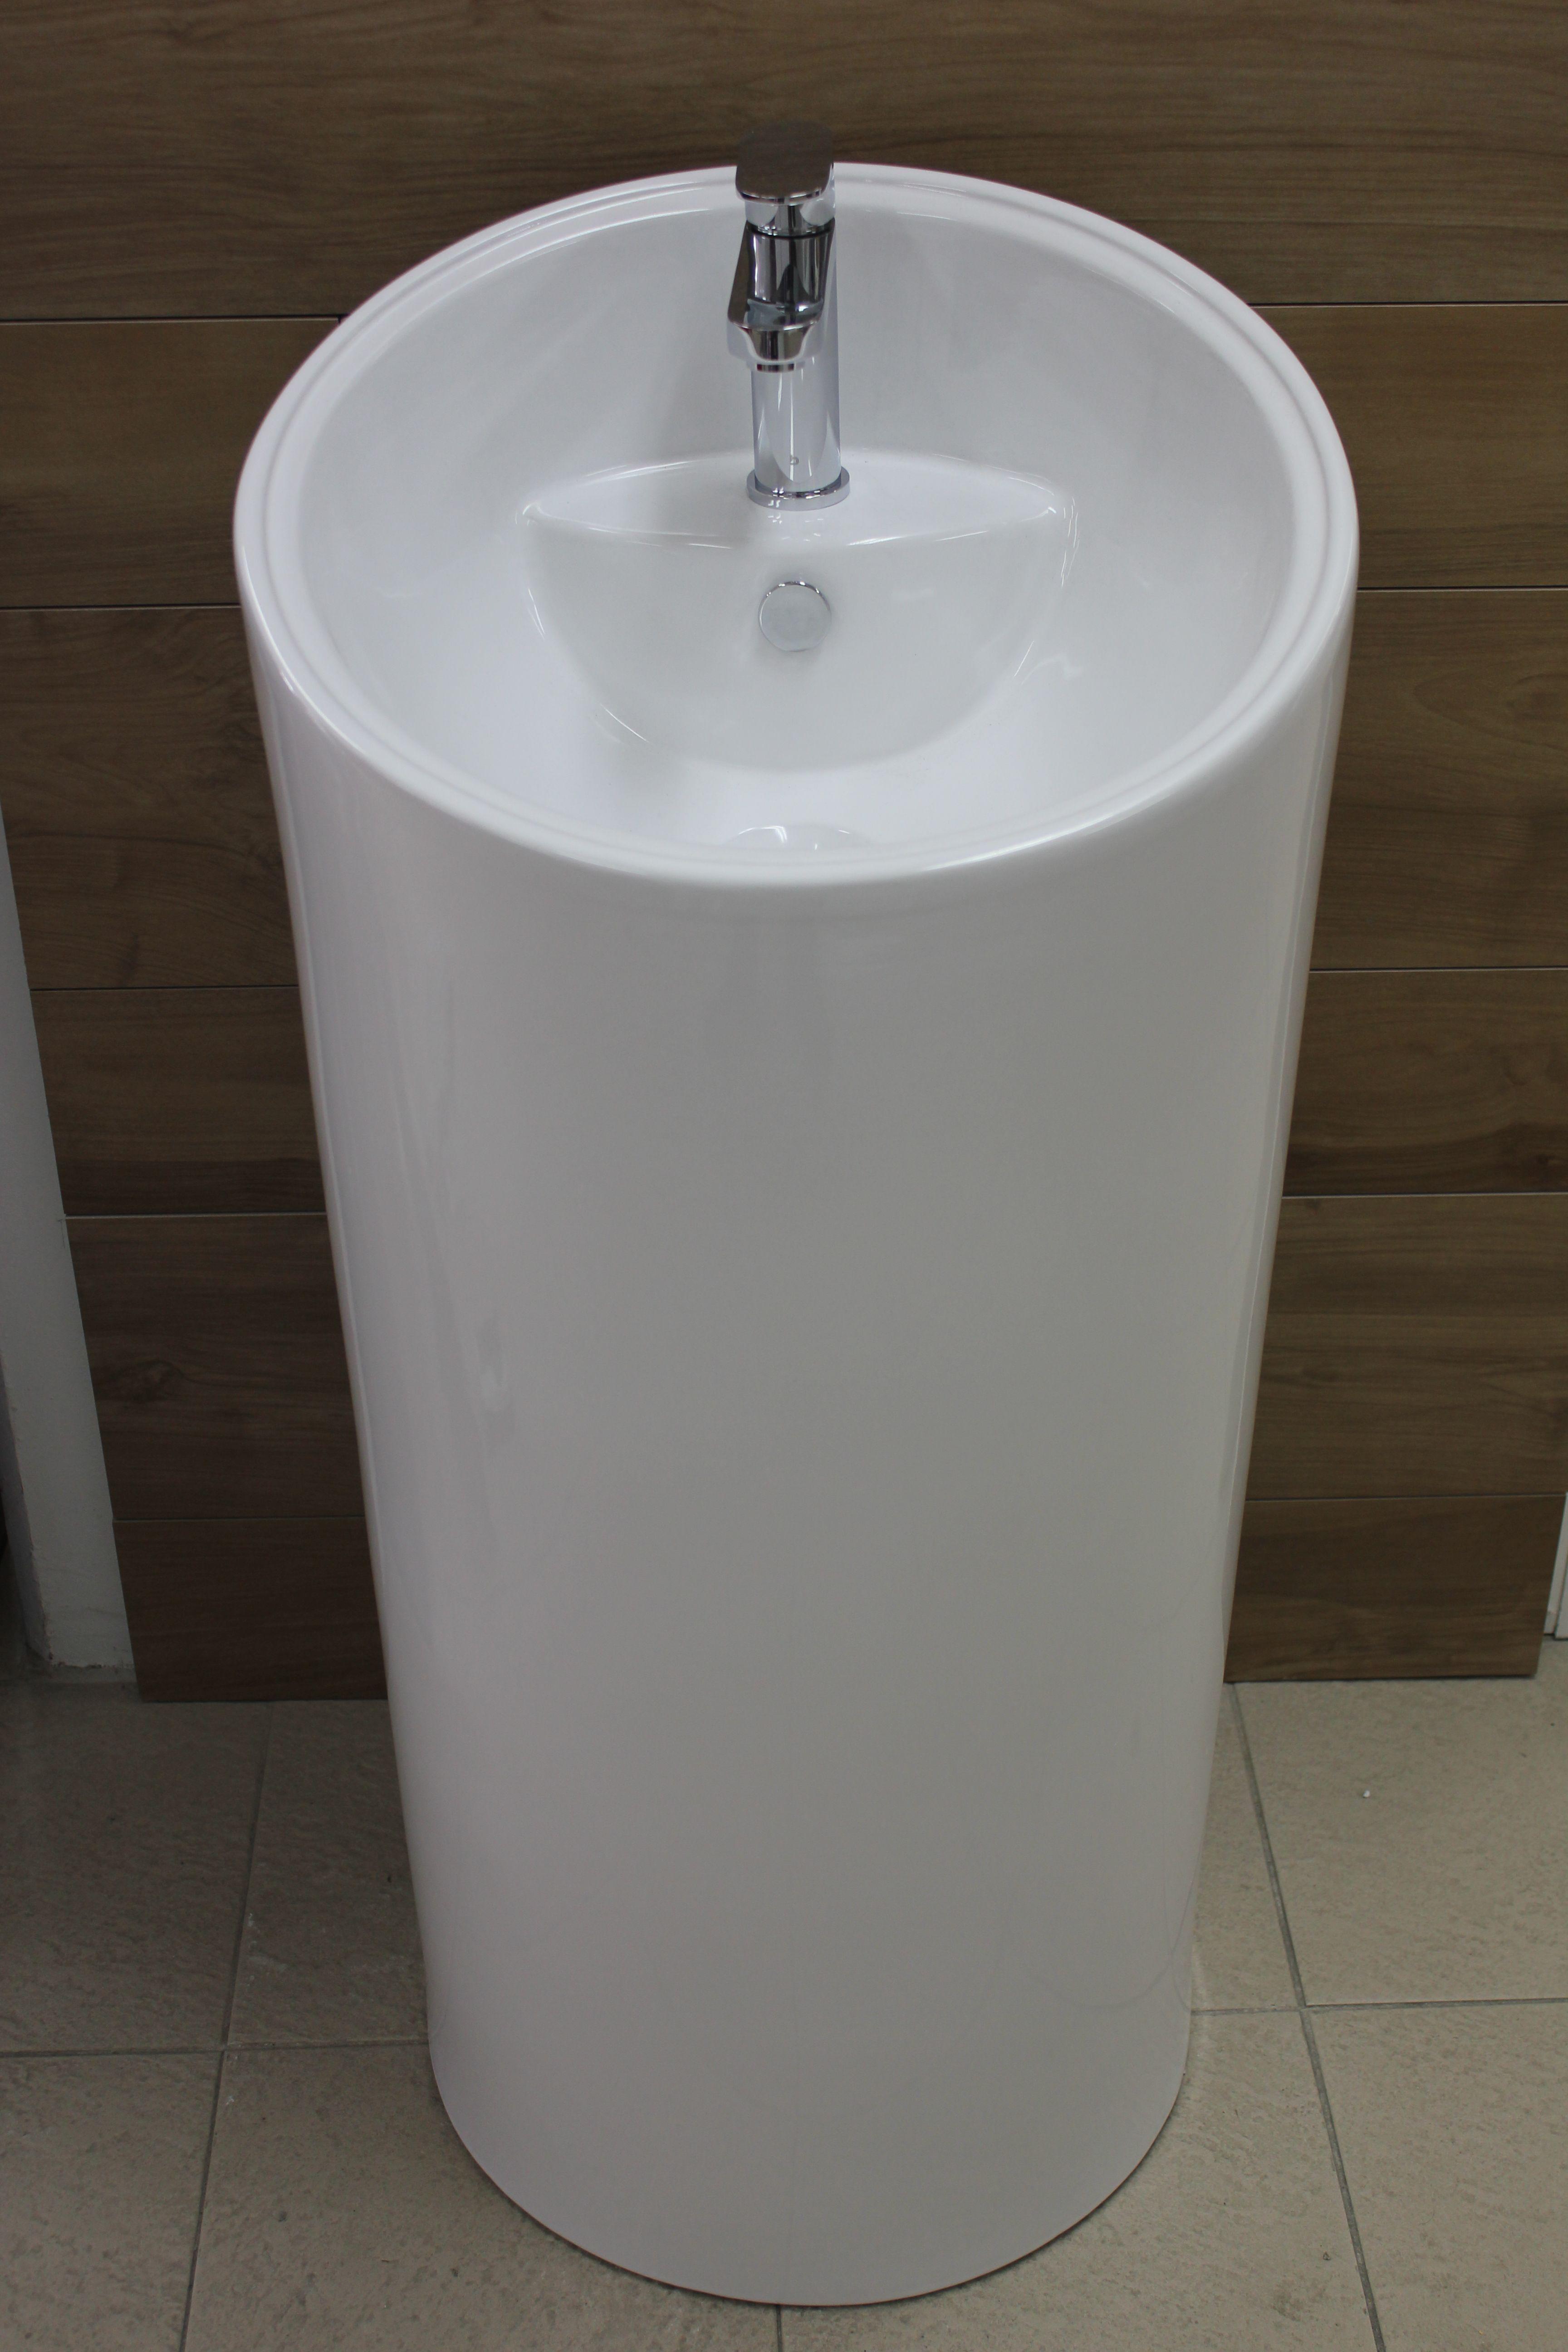 h lavatory pedestal cobalt g sink blue ideas